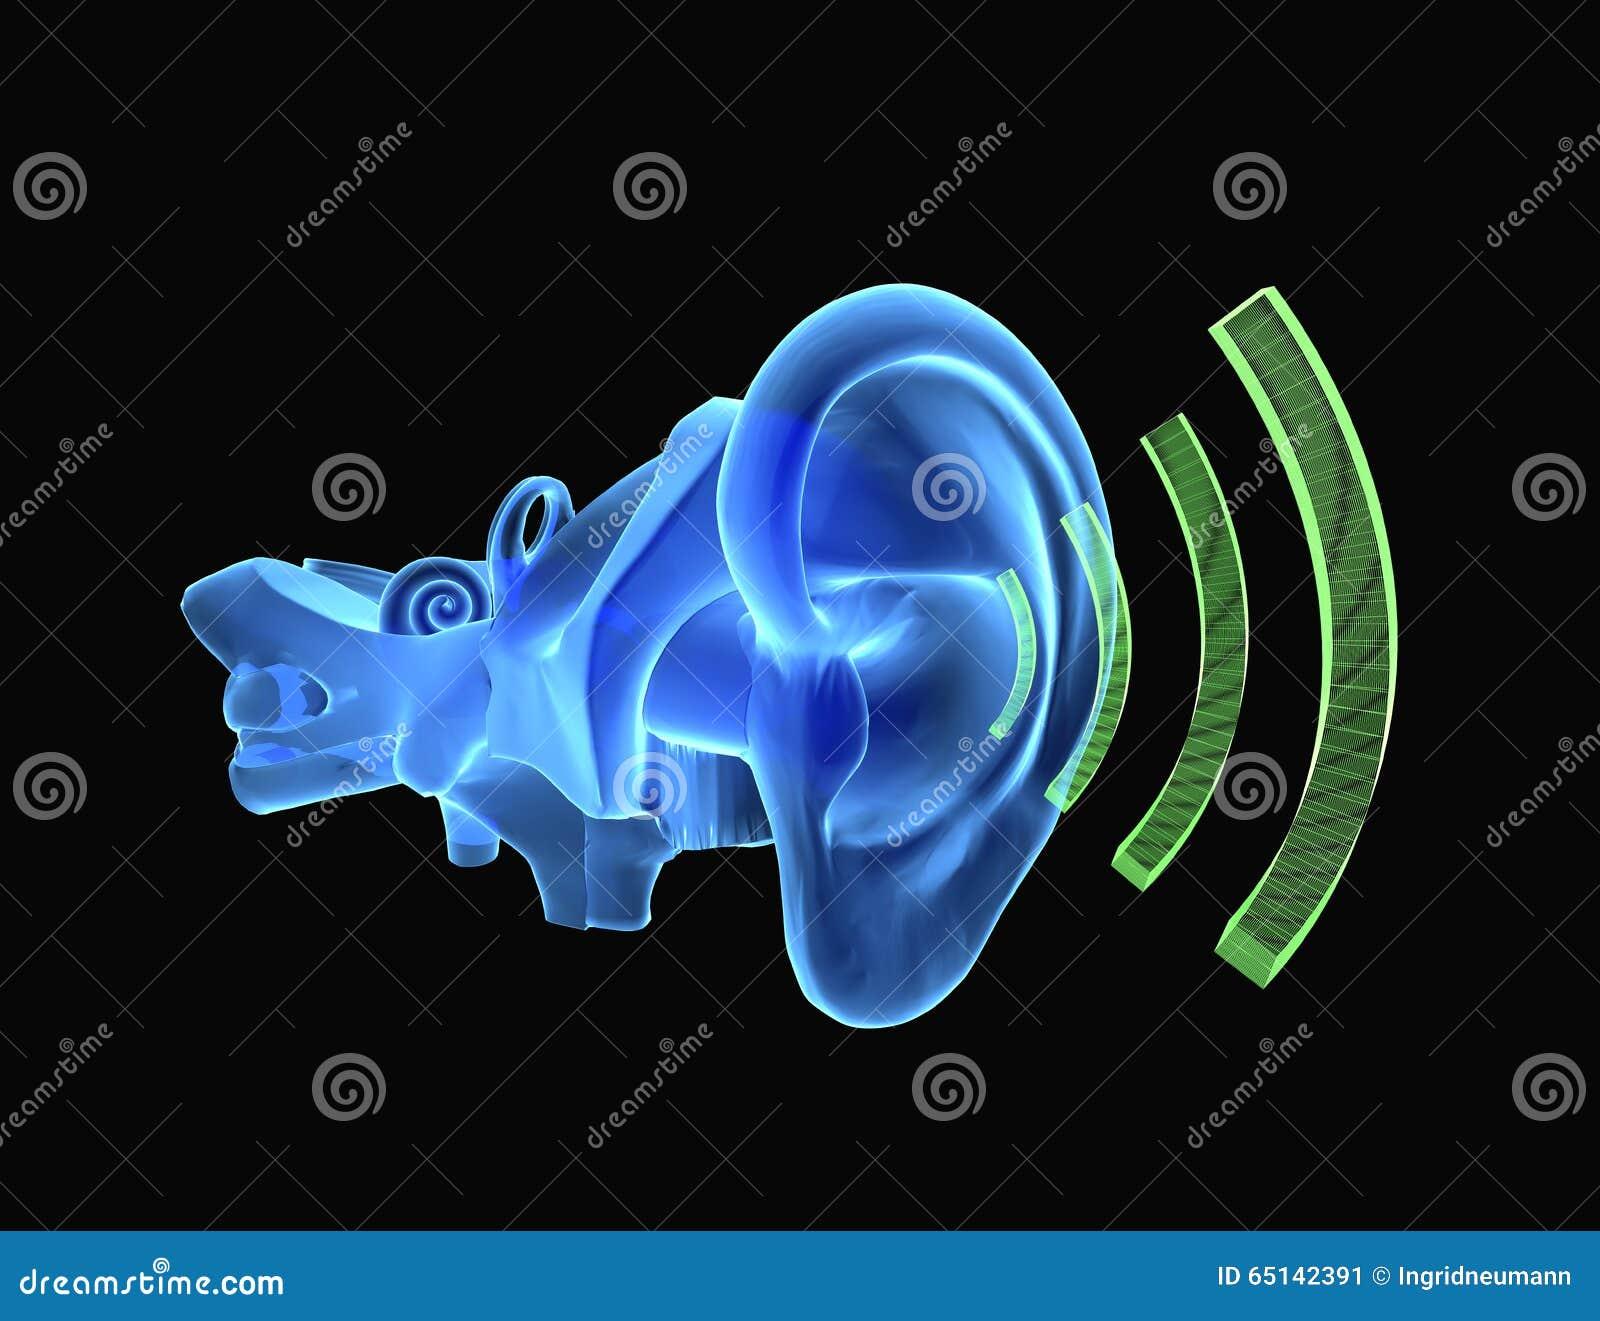 anatomie de l 39 oreille 3d avec le bruit illustration stock image 65142391. Black Bedroom Furniture Sets. Home Design Ideas